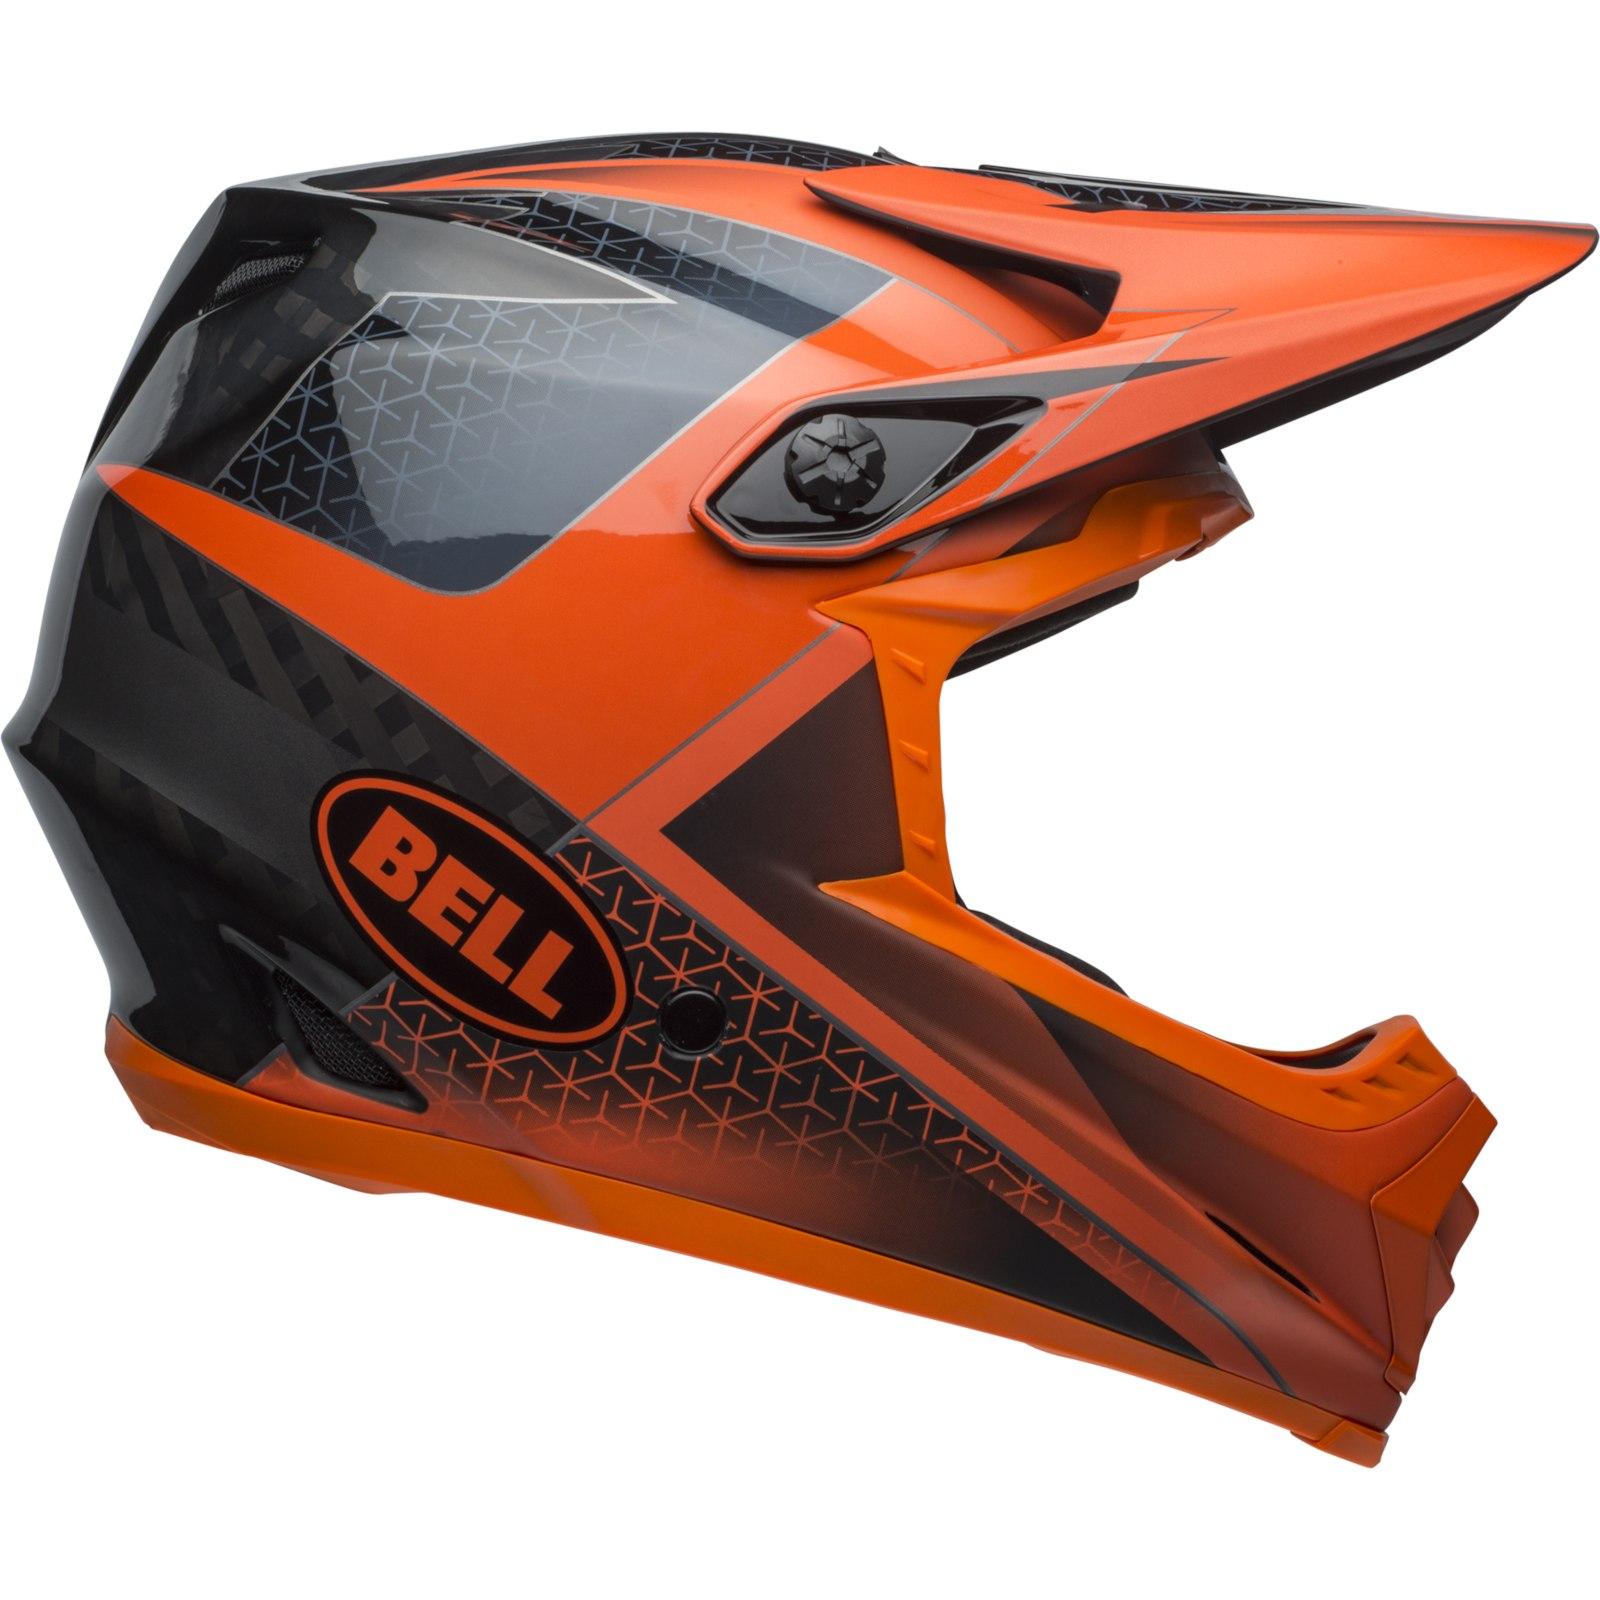 Bell Full-9 Helmet - matte/gloss slate/dark gray/orange